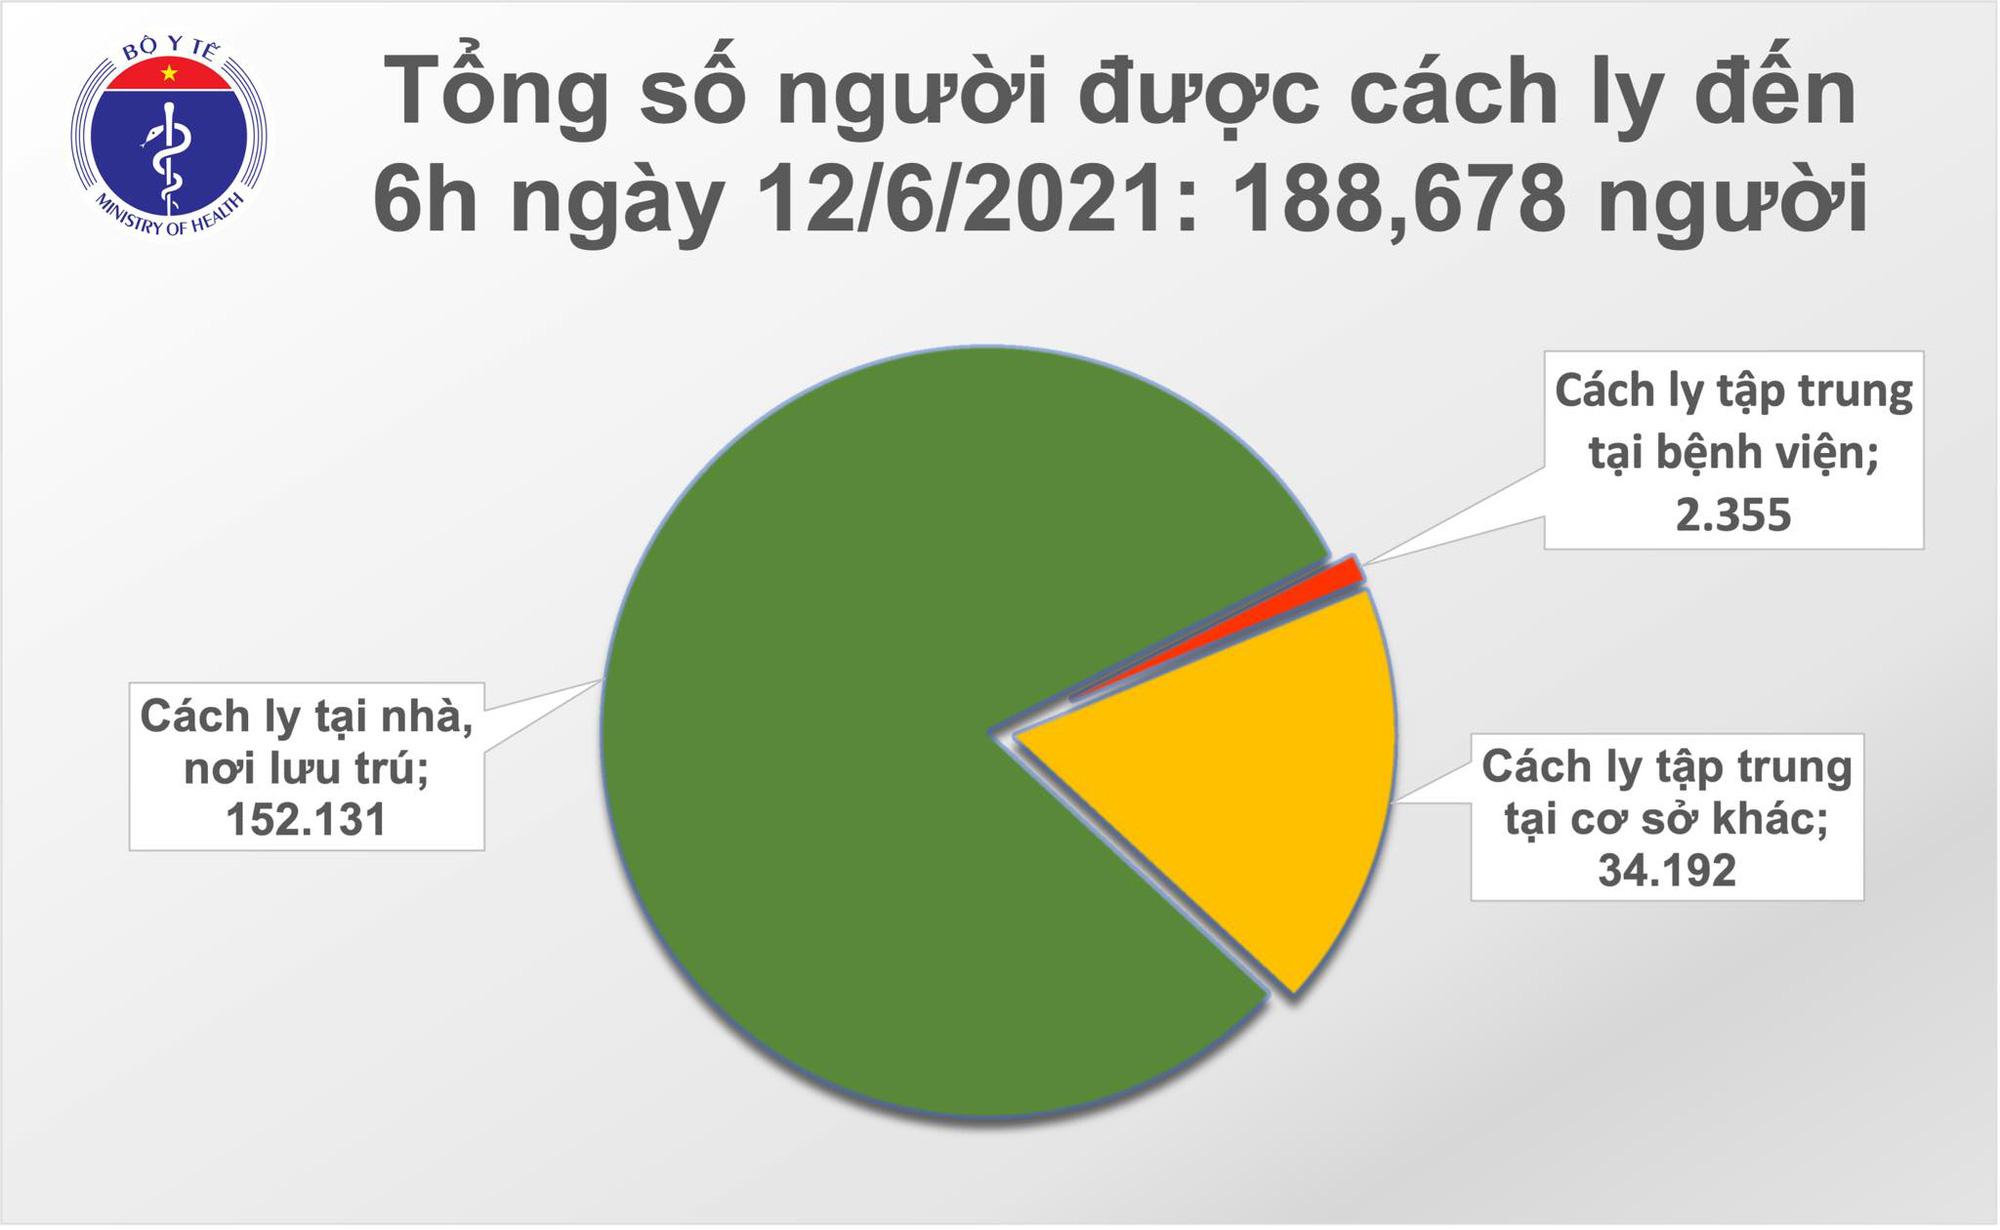 Tình hình Covid-19 sáng 12/6: Thêm 68 ca mới, số người cách ly y tế cao nhất - Ảnh 2.